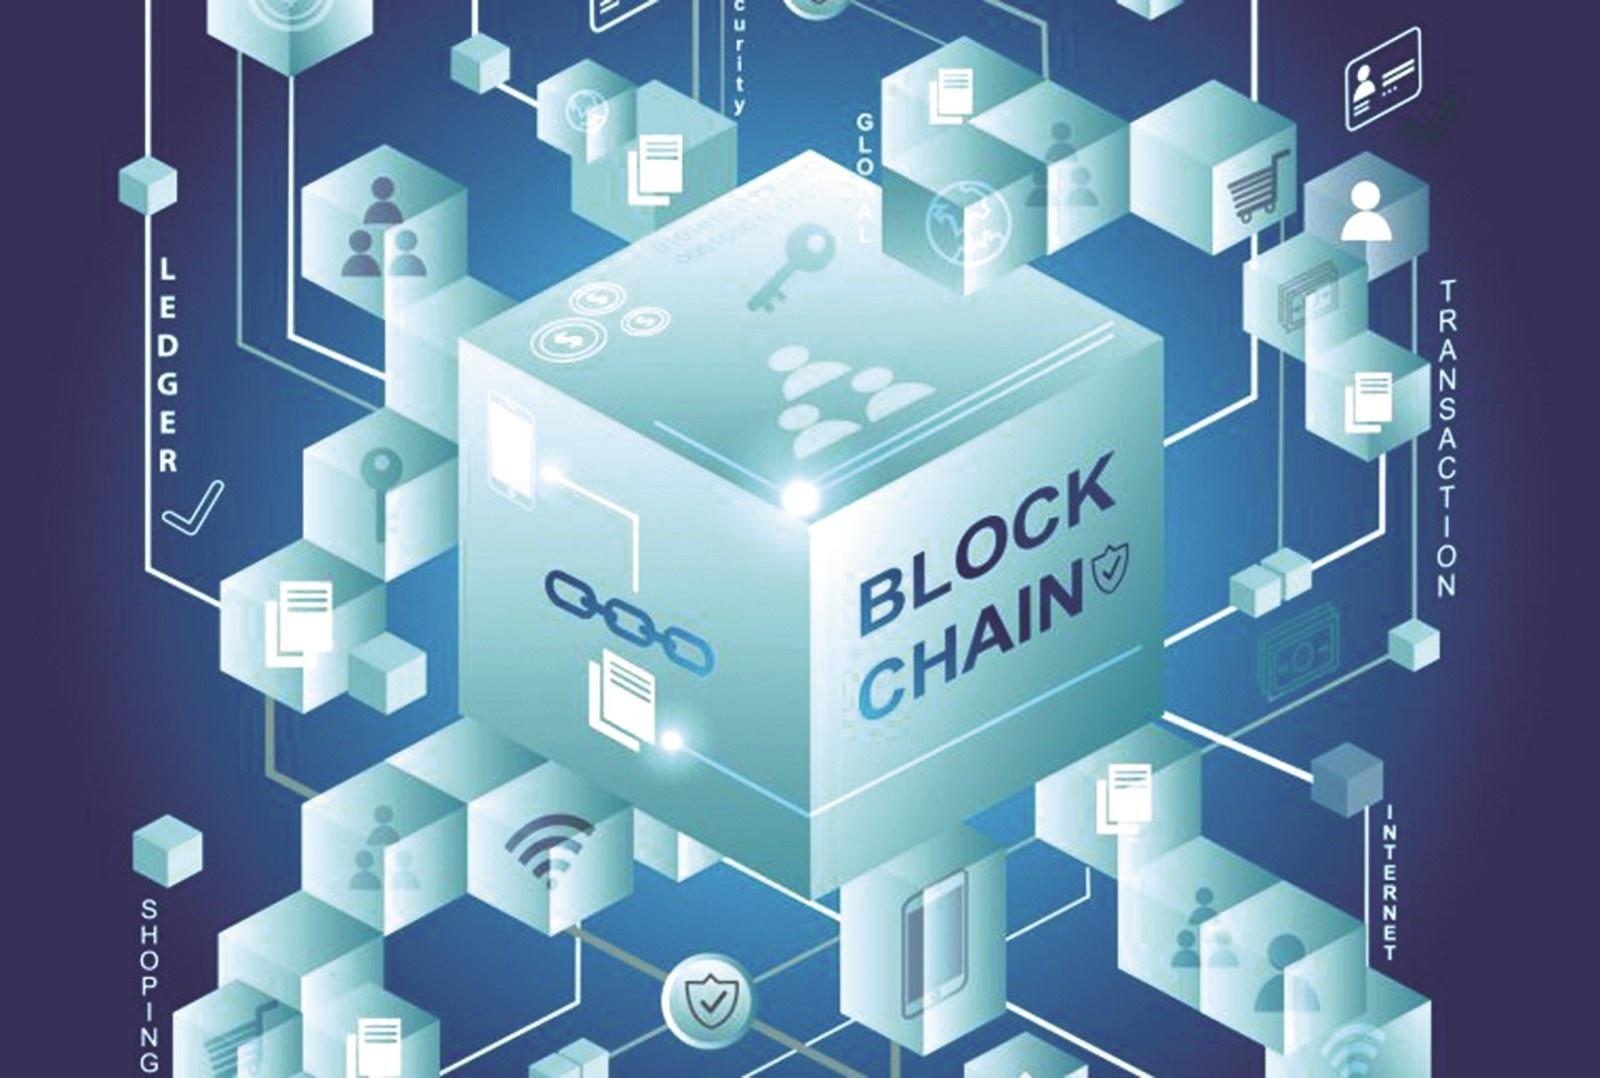 ung dung blockchain phai co sandbox